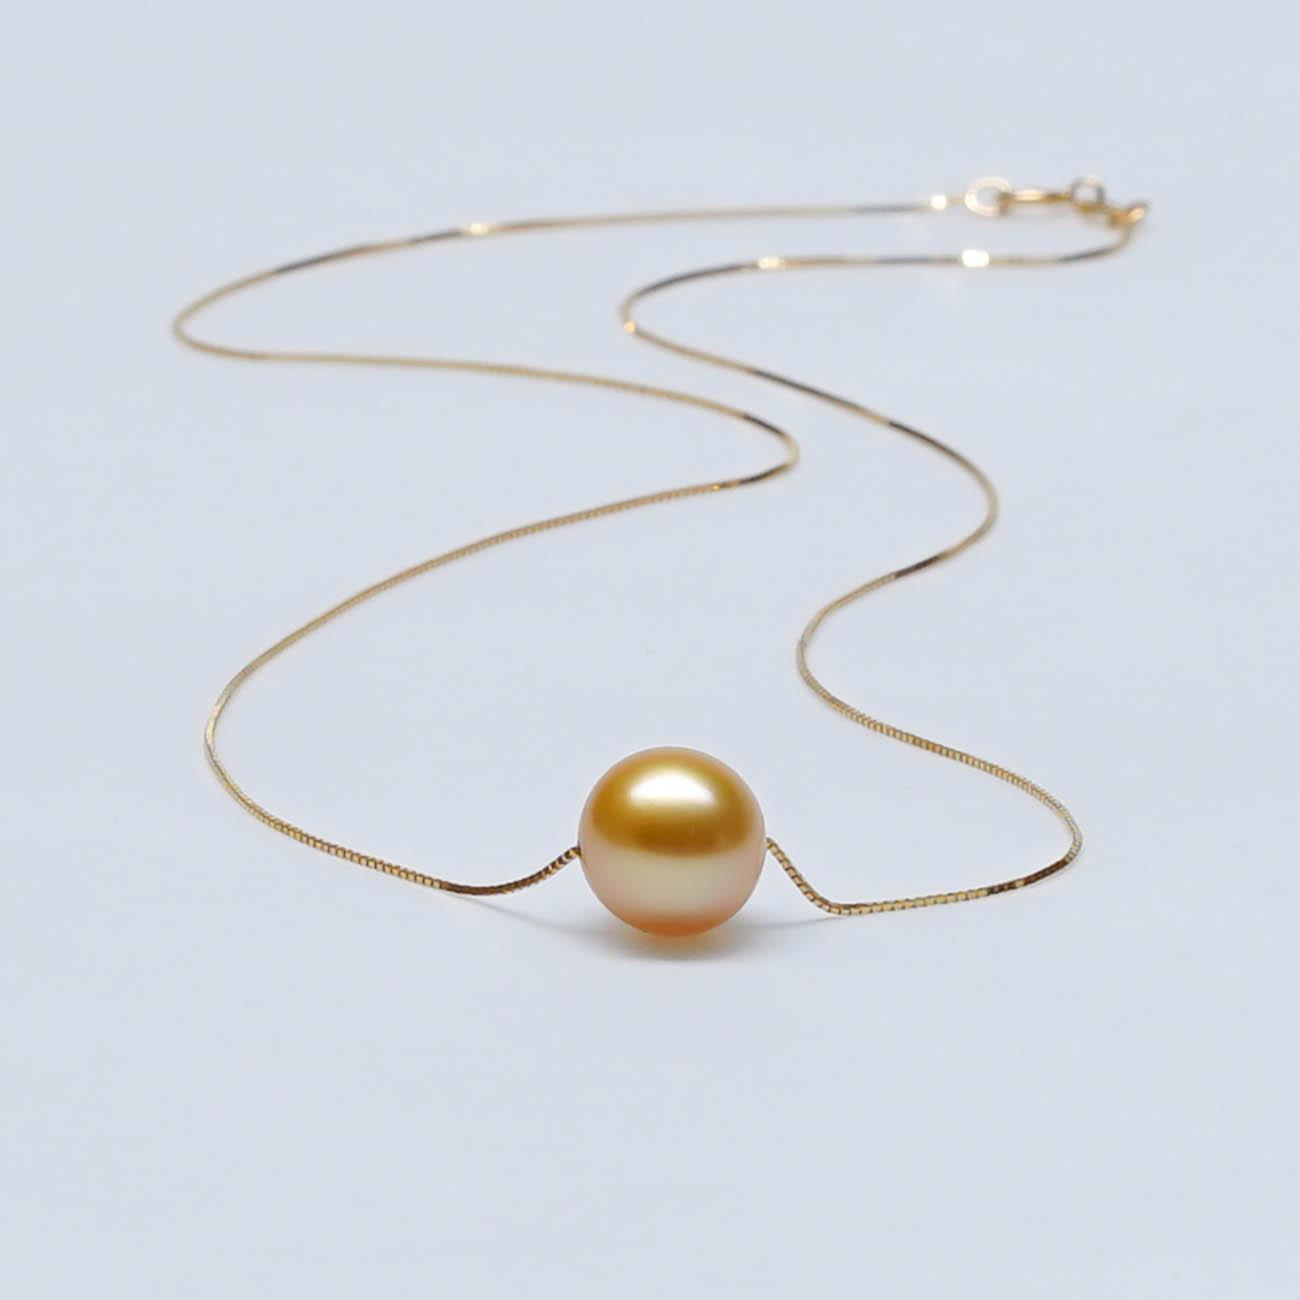 海水珍珠吊坠南洋母贝珍珠项链925银万能链穿心珠路路通转运珠锁